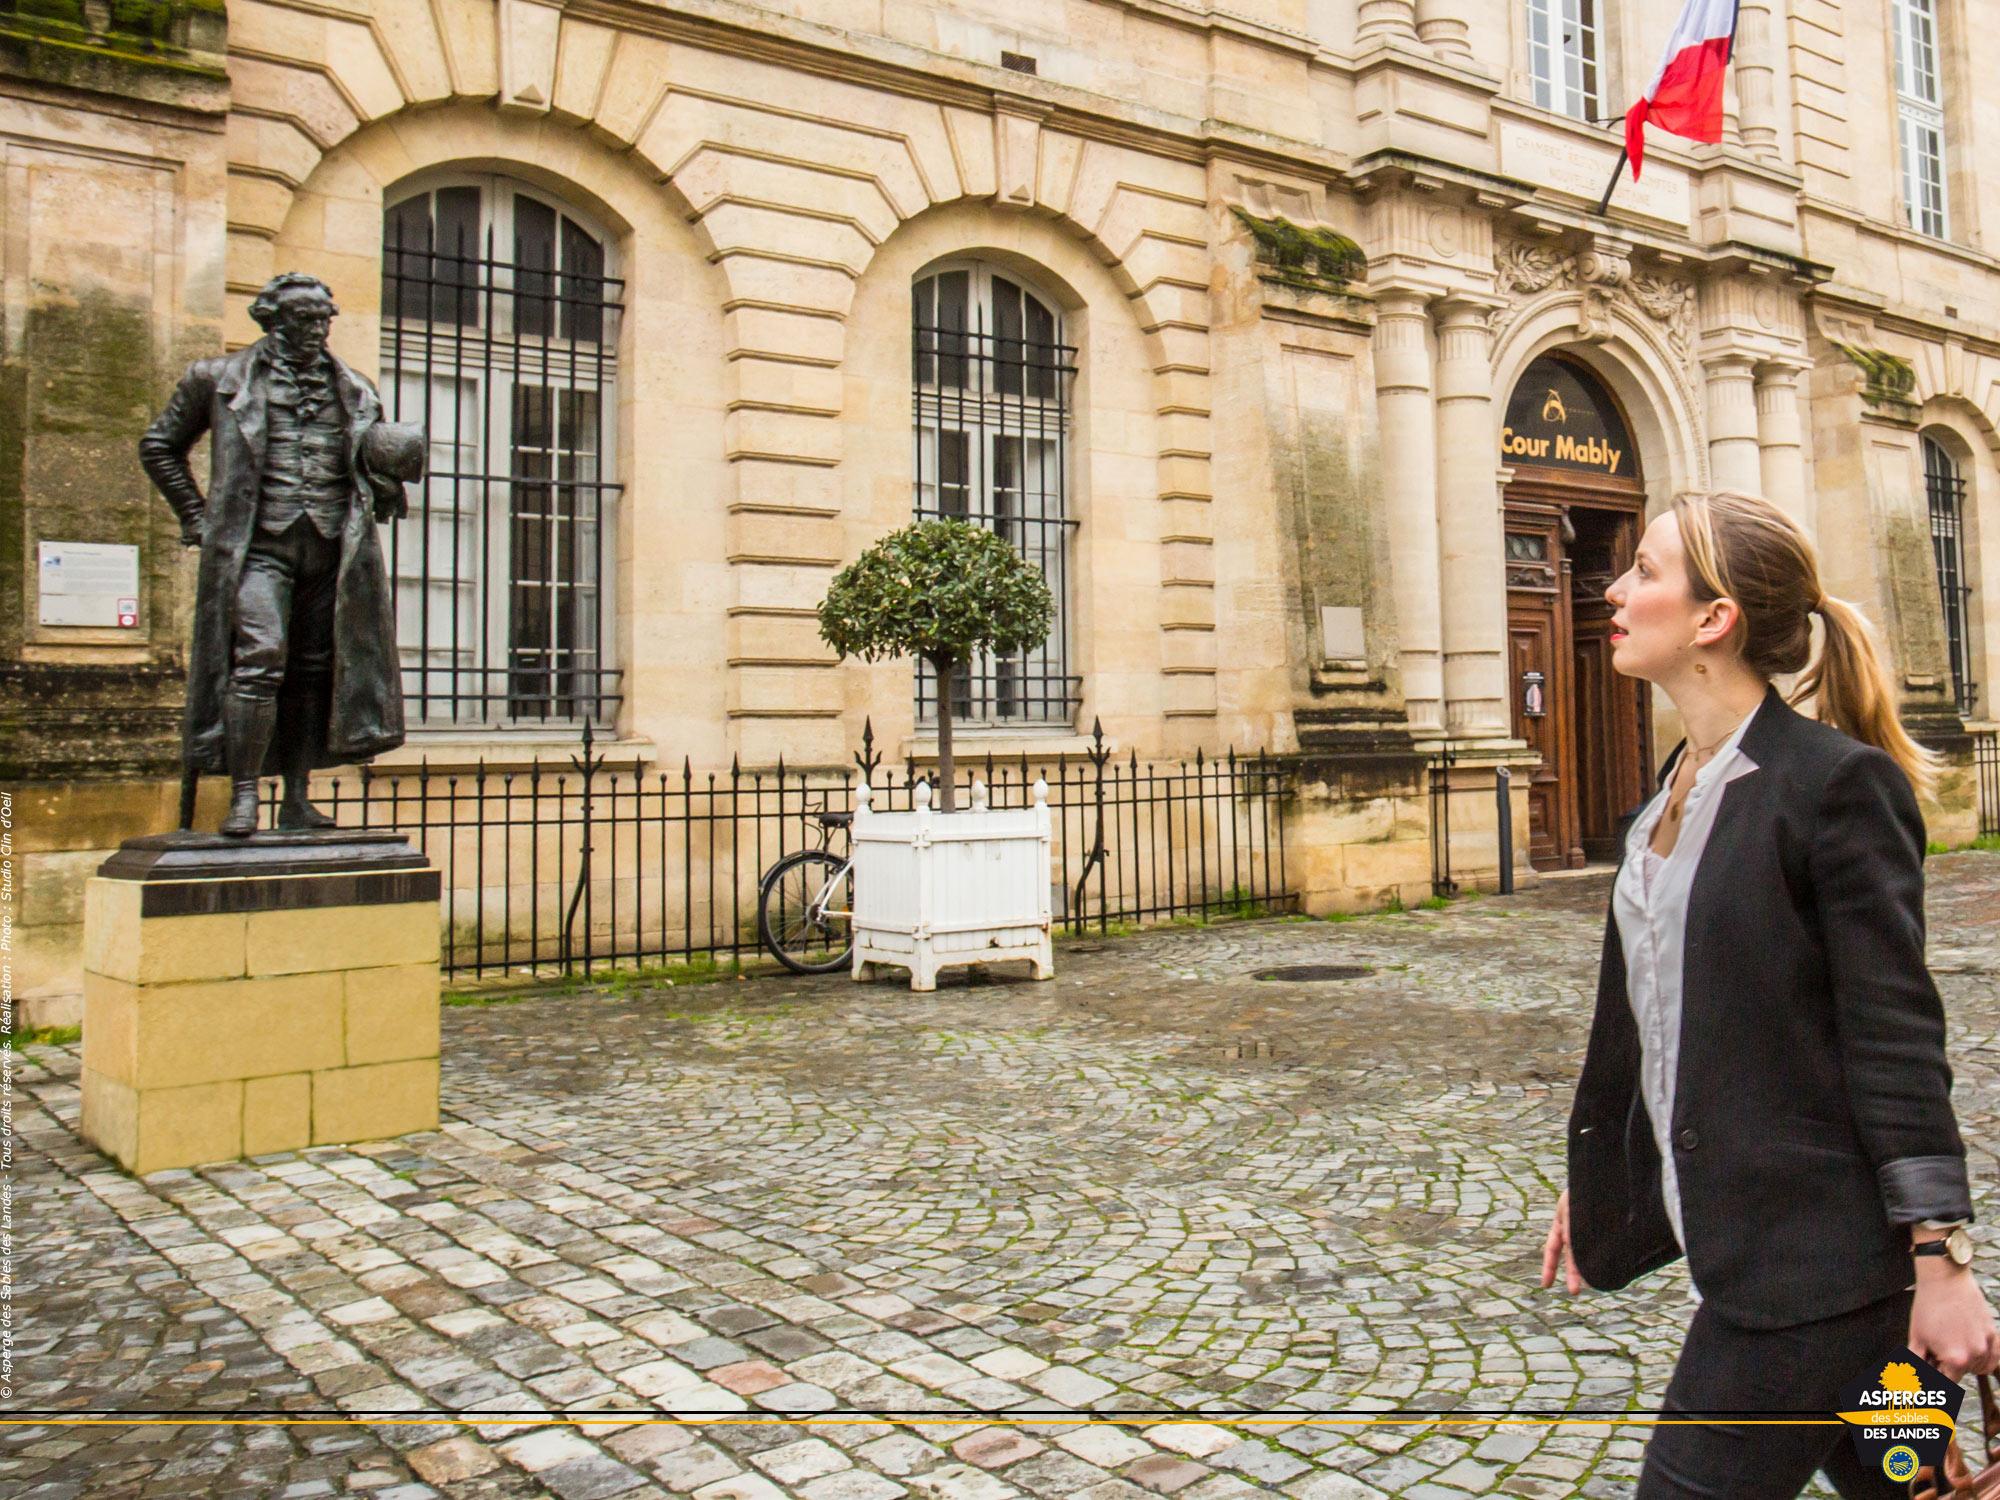 Place Mably, comment ne pas penser à Manet devant la statue de Goya